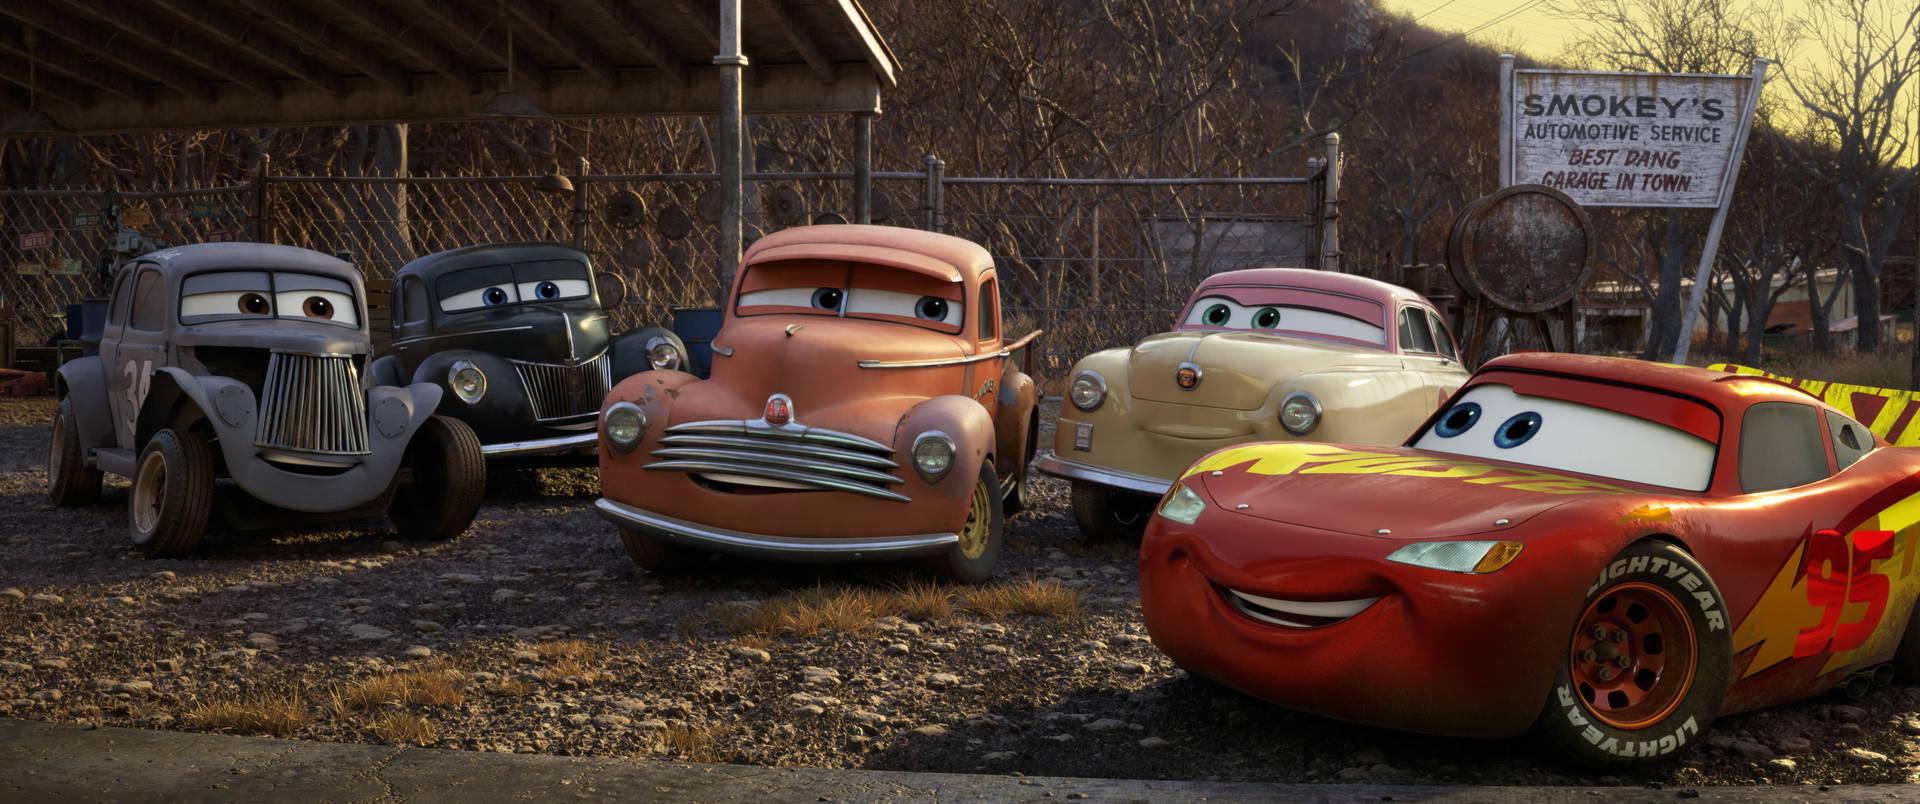 Cars 3 me ha gustado y no por la película, sino por lo que transmite